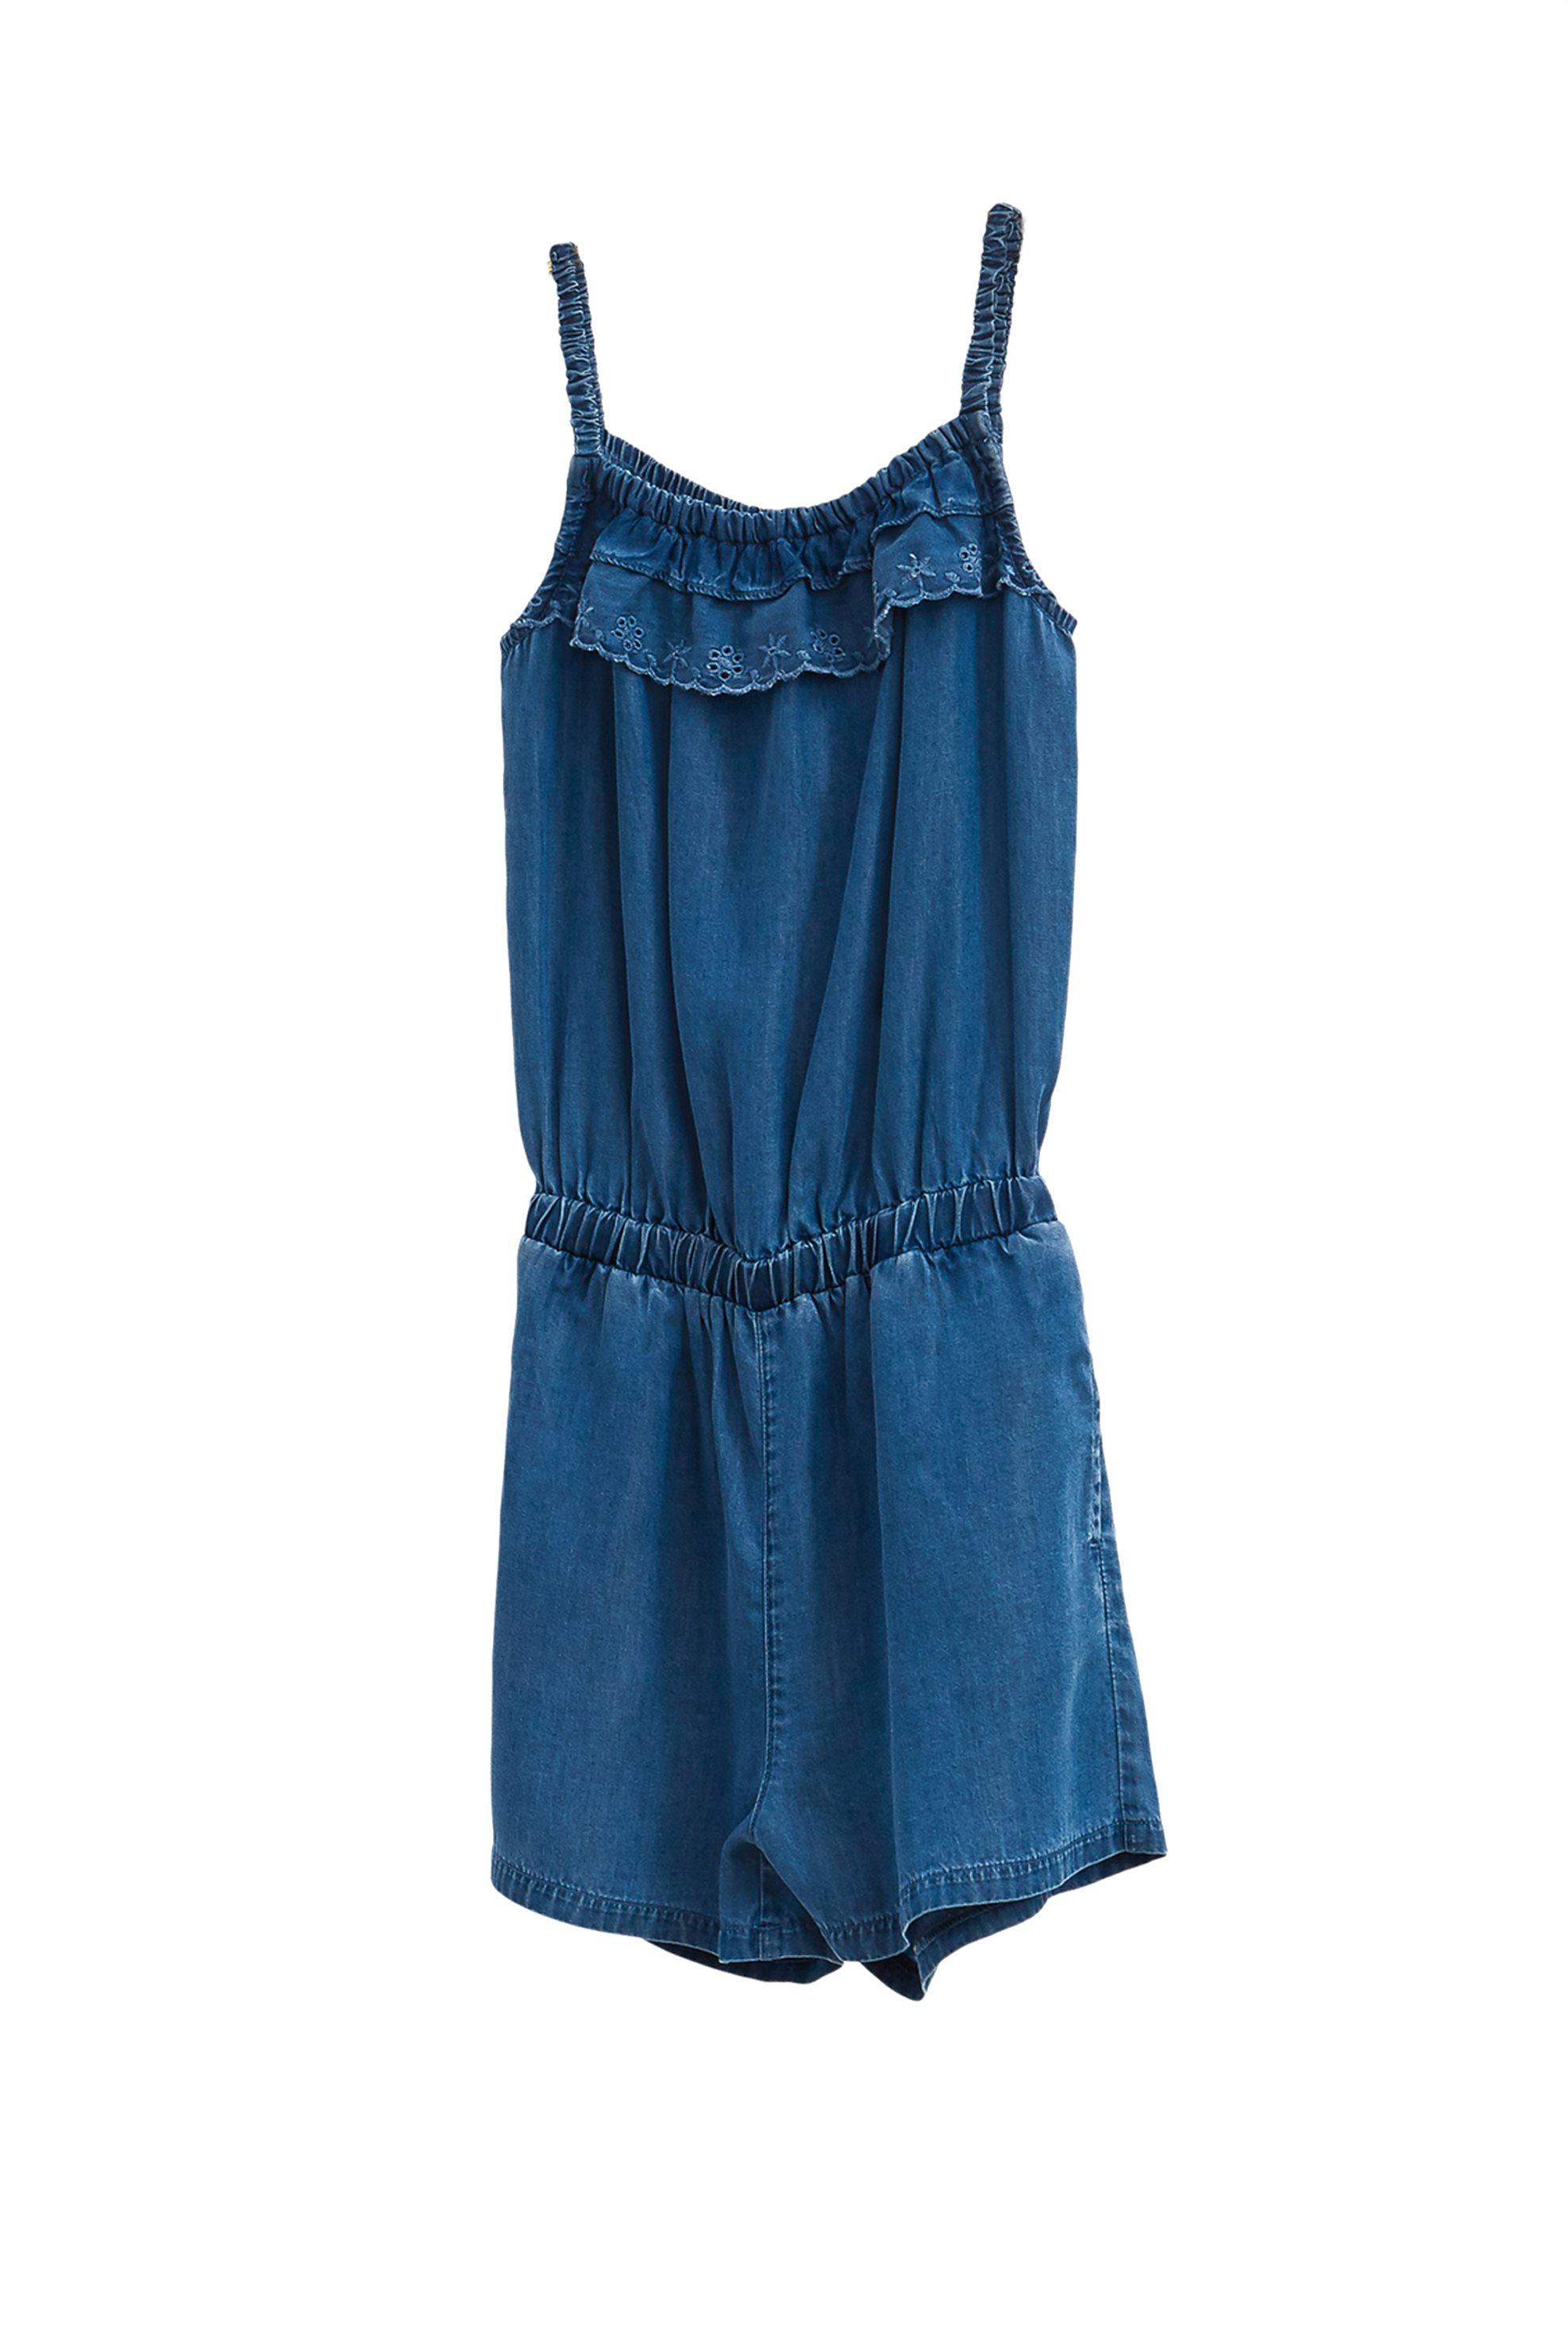 Παιδική ολόσωμη φόρμα σορτς με δαντέλα κοφτή (9-14 ετών) OVS - 000249440 - Μπλε παιδι   κοριτσι   4 14 ετων   tops   παντελόνια   σαλοπέτες